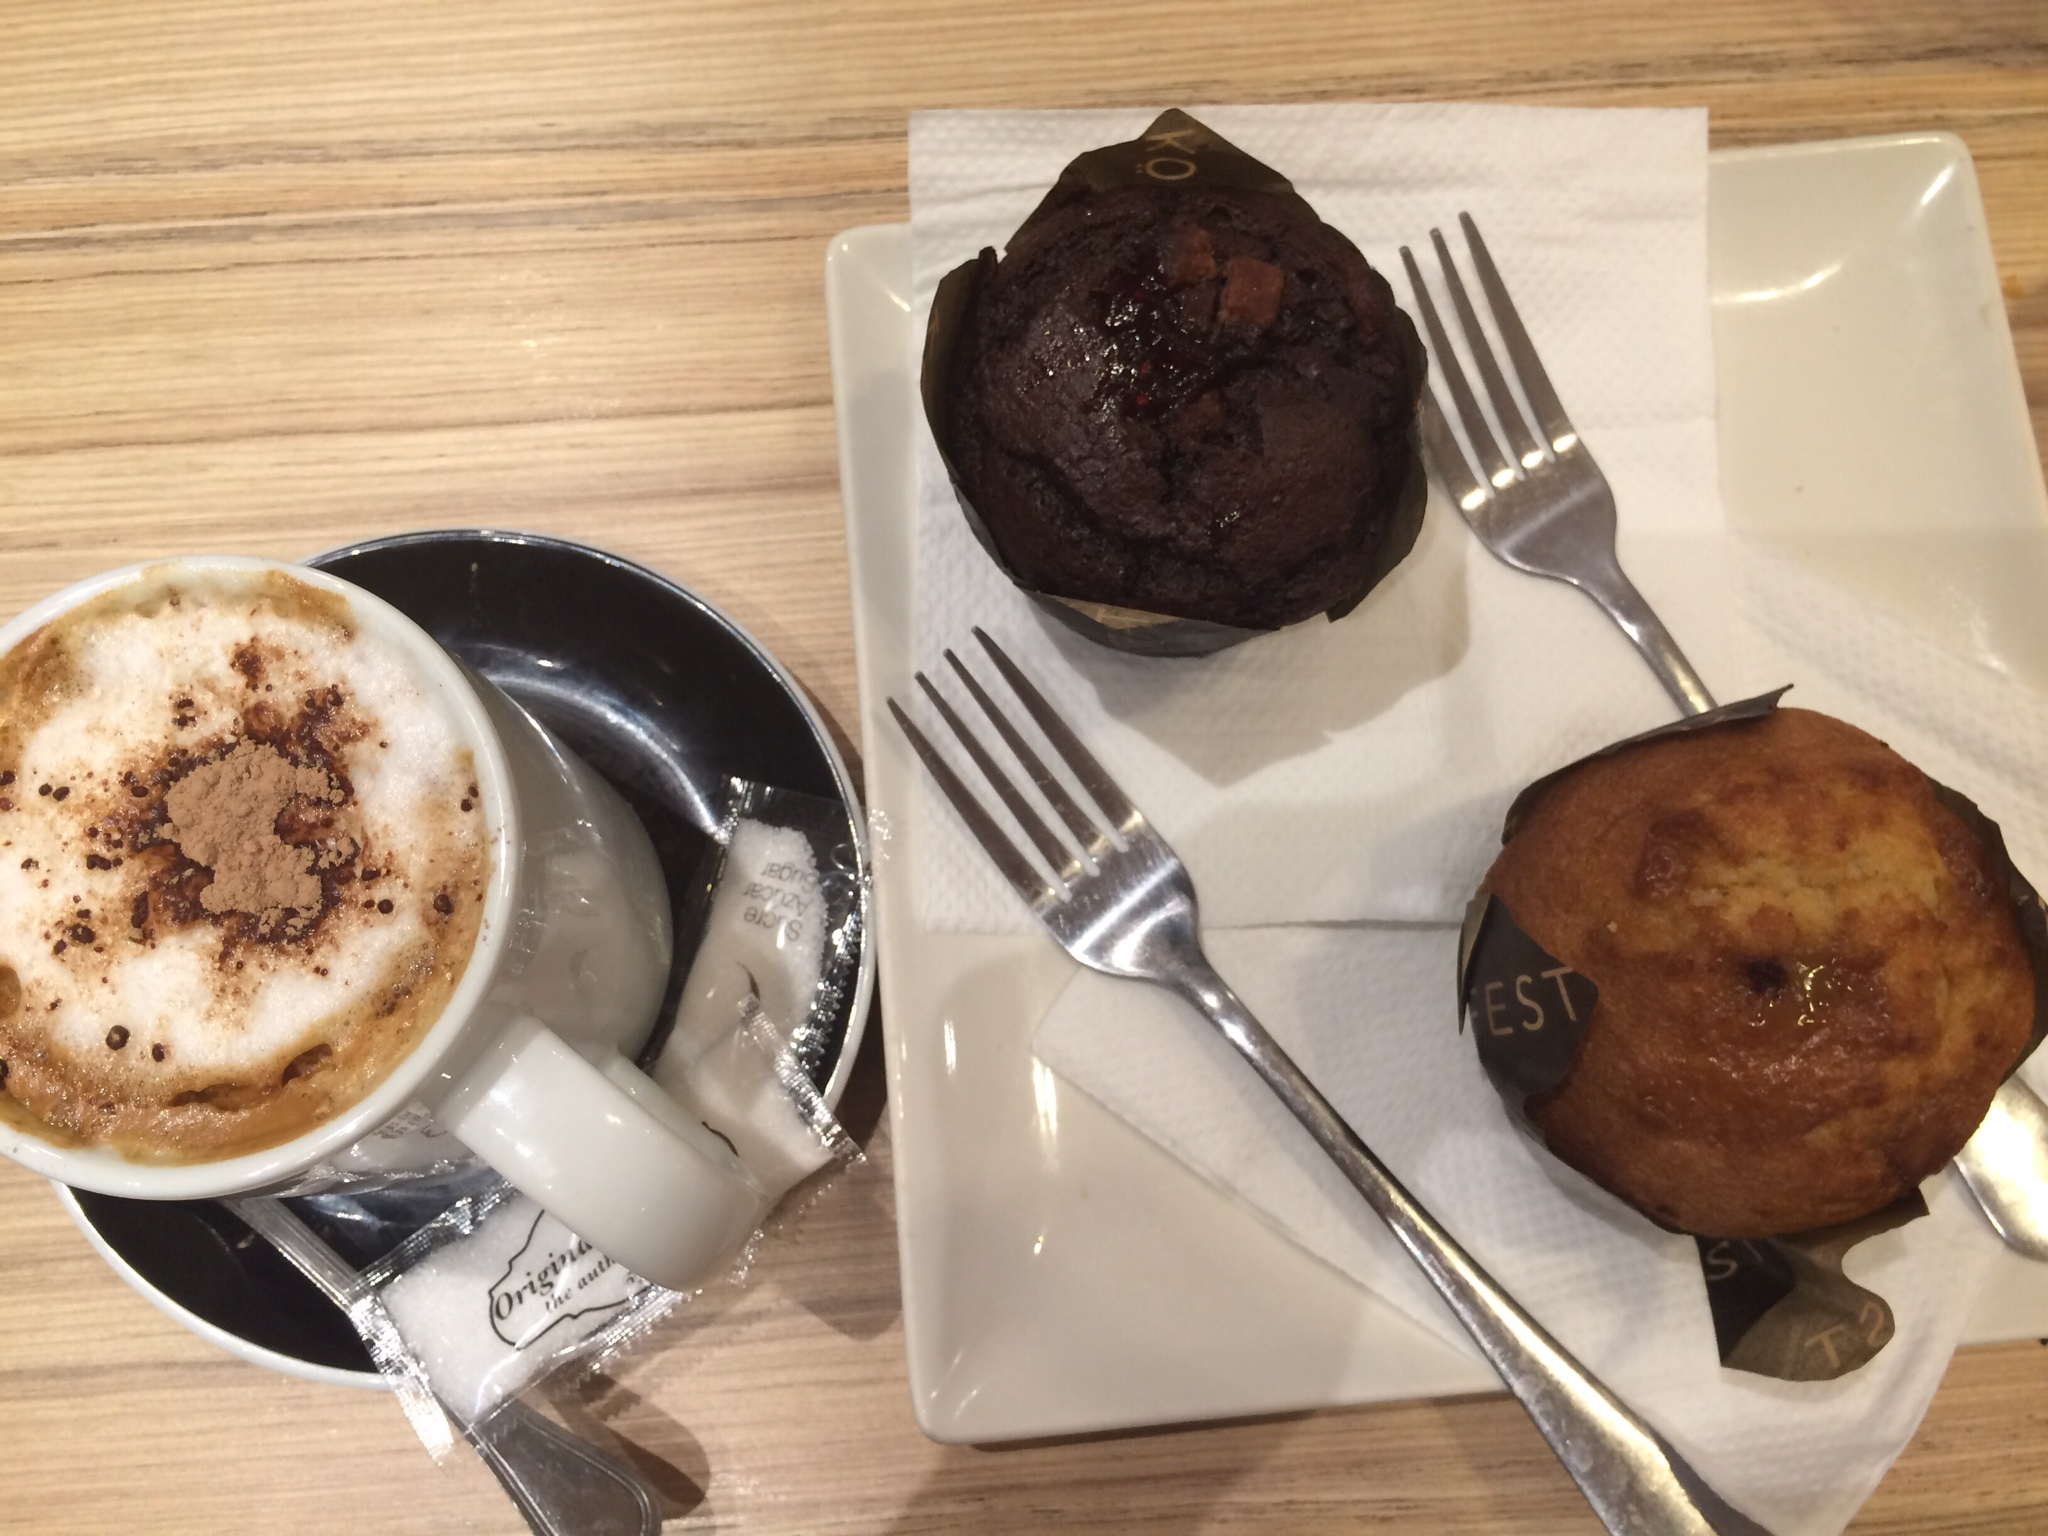 Barcelona dessert cupcake